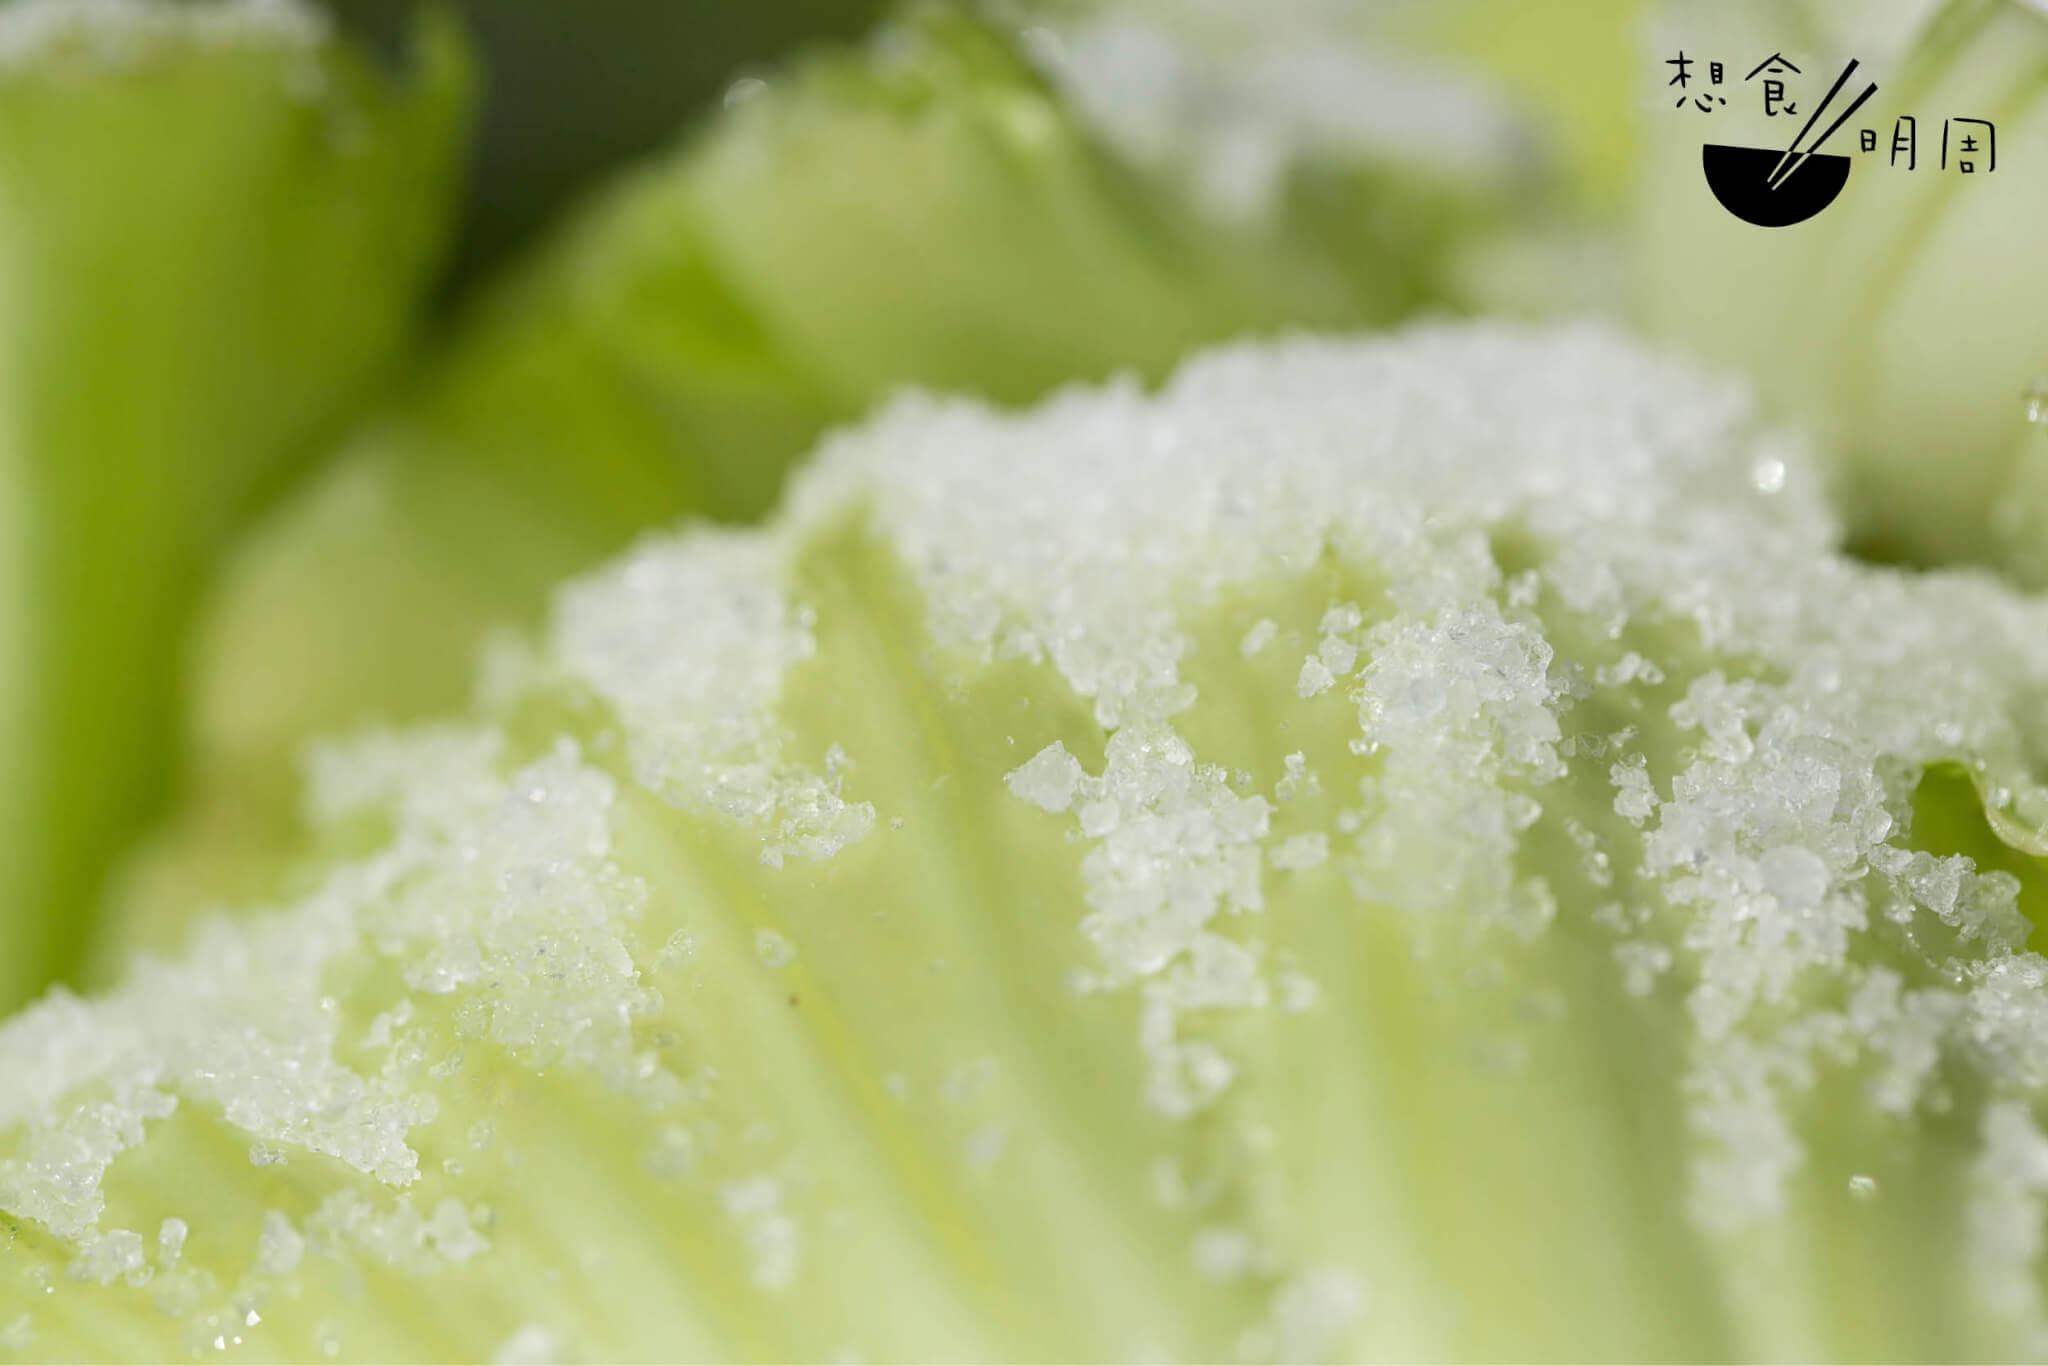 晶亮的粗鹽灑落在芥球上,使葉莖出水、 脫青。惟有水出夠了,才可以轉化成不老 梅菜,延長壽命至更多個春夏秋冬。